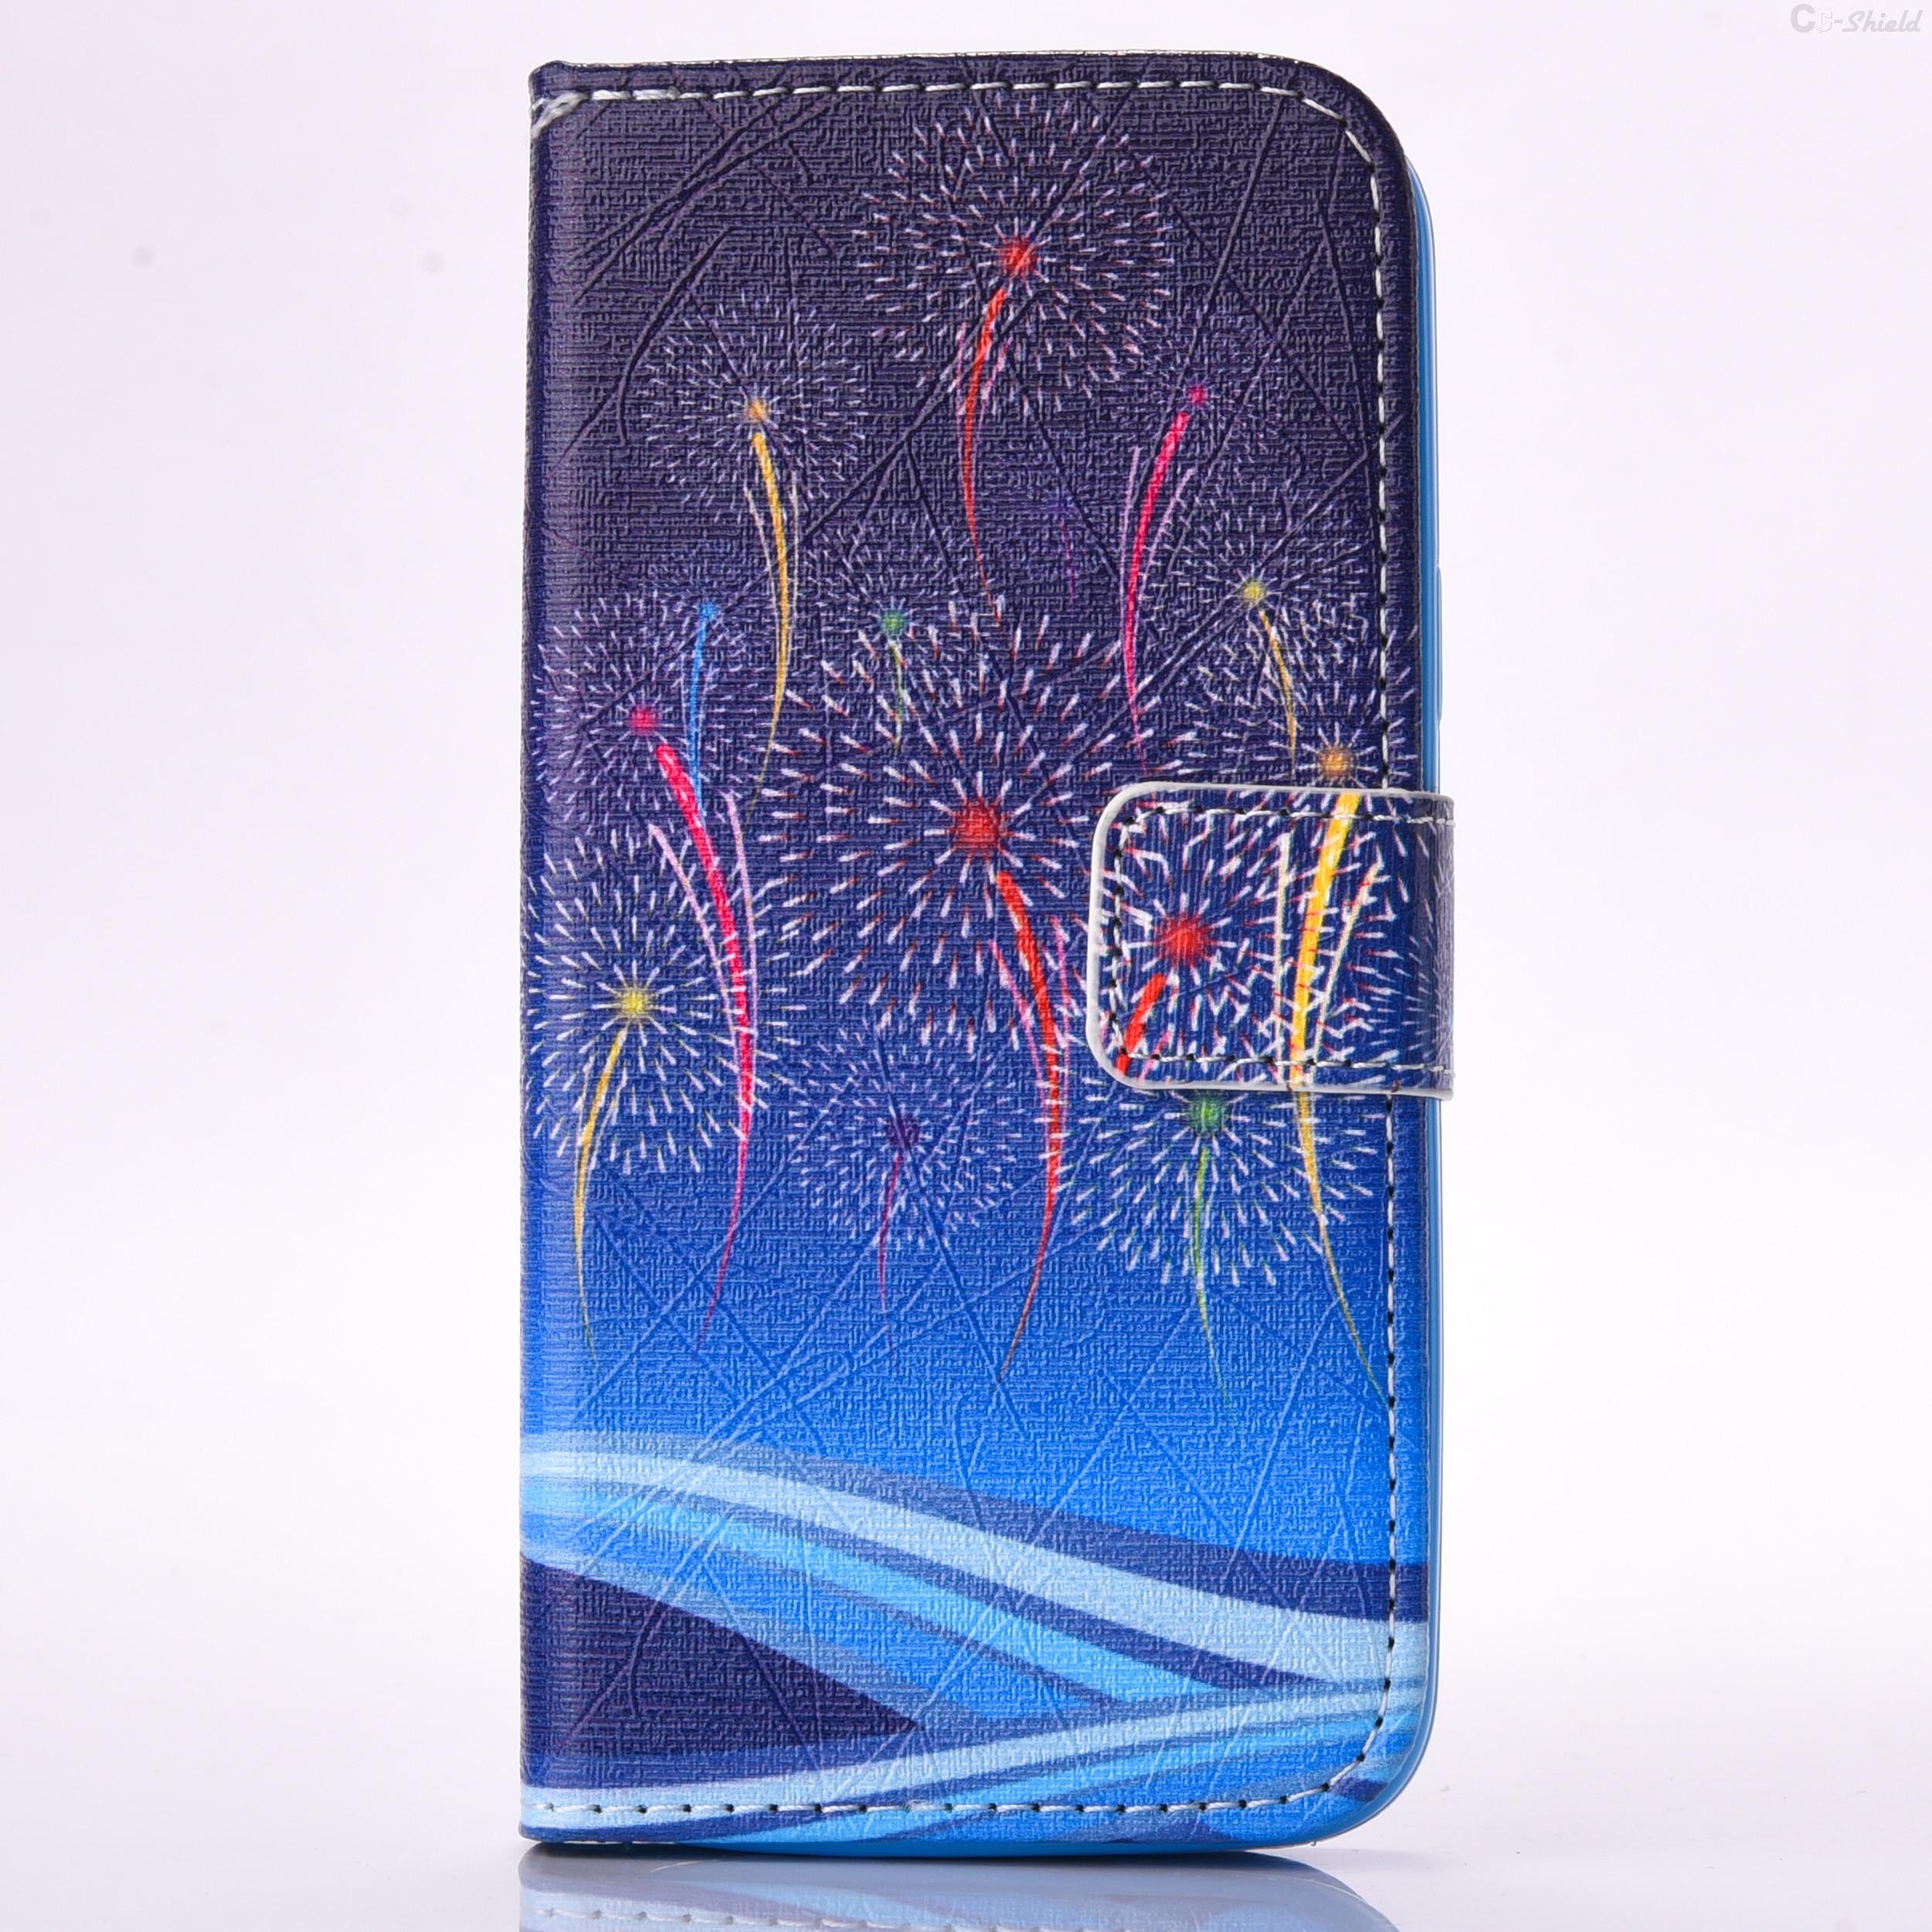 Case for Samsung Galaxy S 5 S5 mini S5mini G800F G800H G800A G800Y SM-G800F SM-G800H SM-G800A SM-G800Y Case Phone Leather Cover